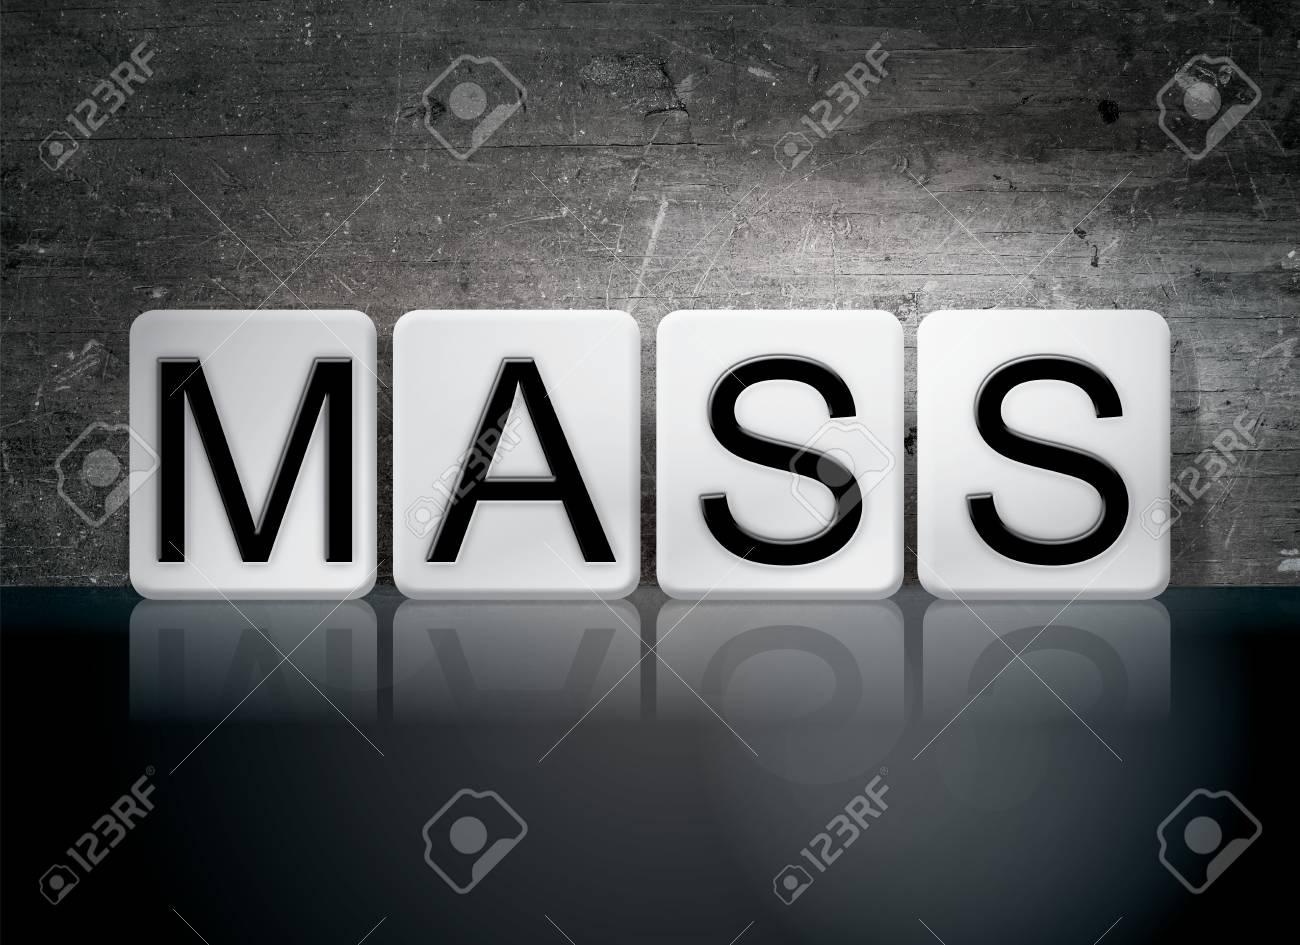 Das Wort Masse Geschrieben In Weiße Fliesen Gegen Einen Dunklen - Fliesen maße standard